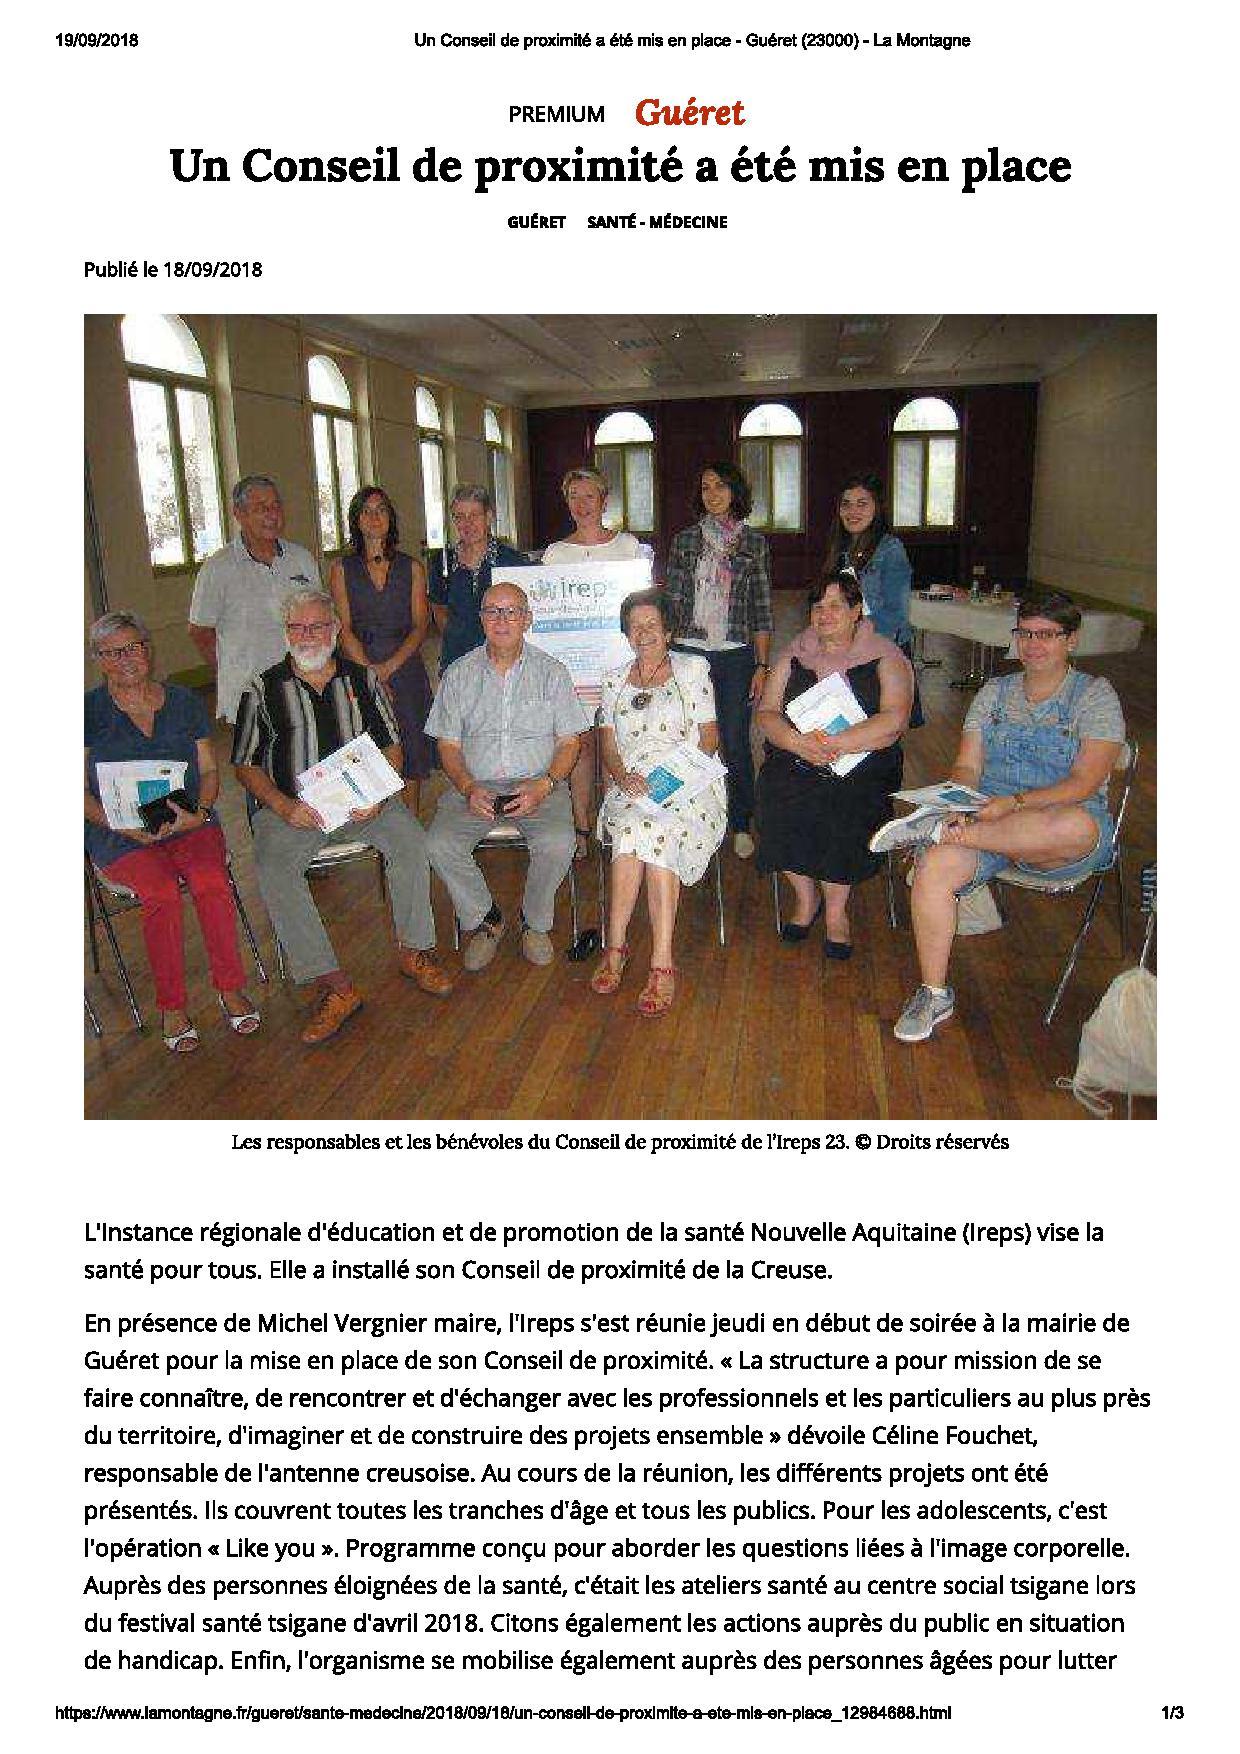 Un Conseil de proximité a été mis en place - Guéret (23000) - La Montagne